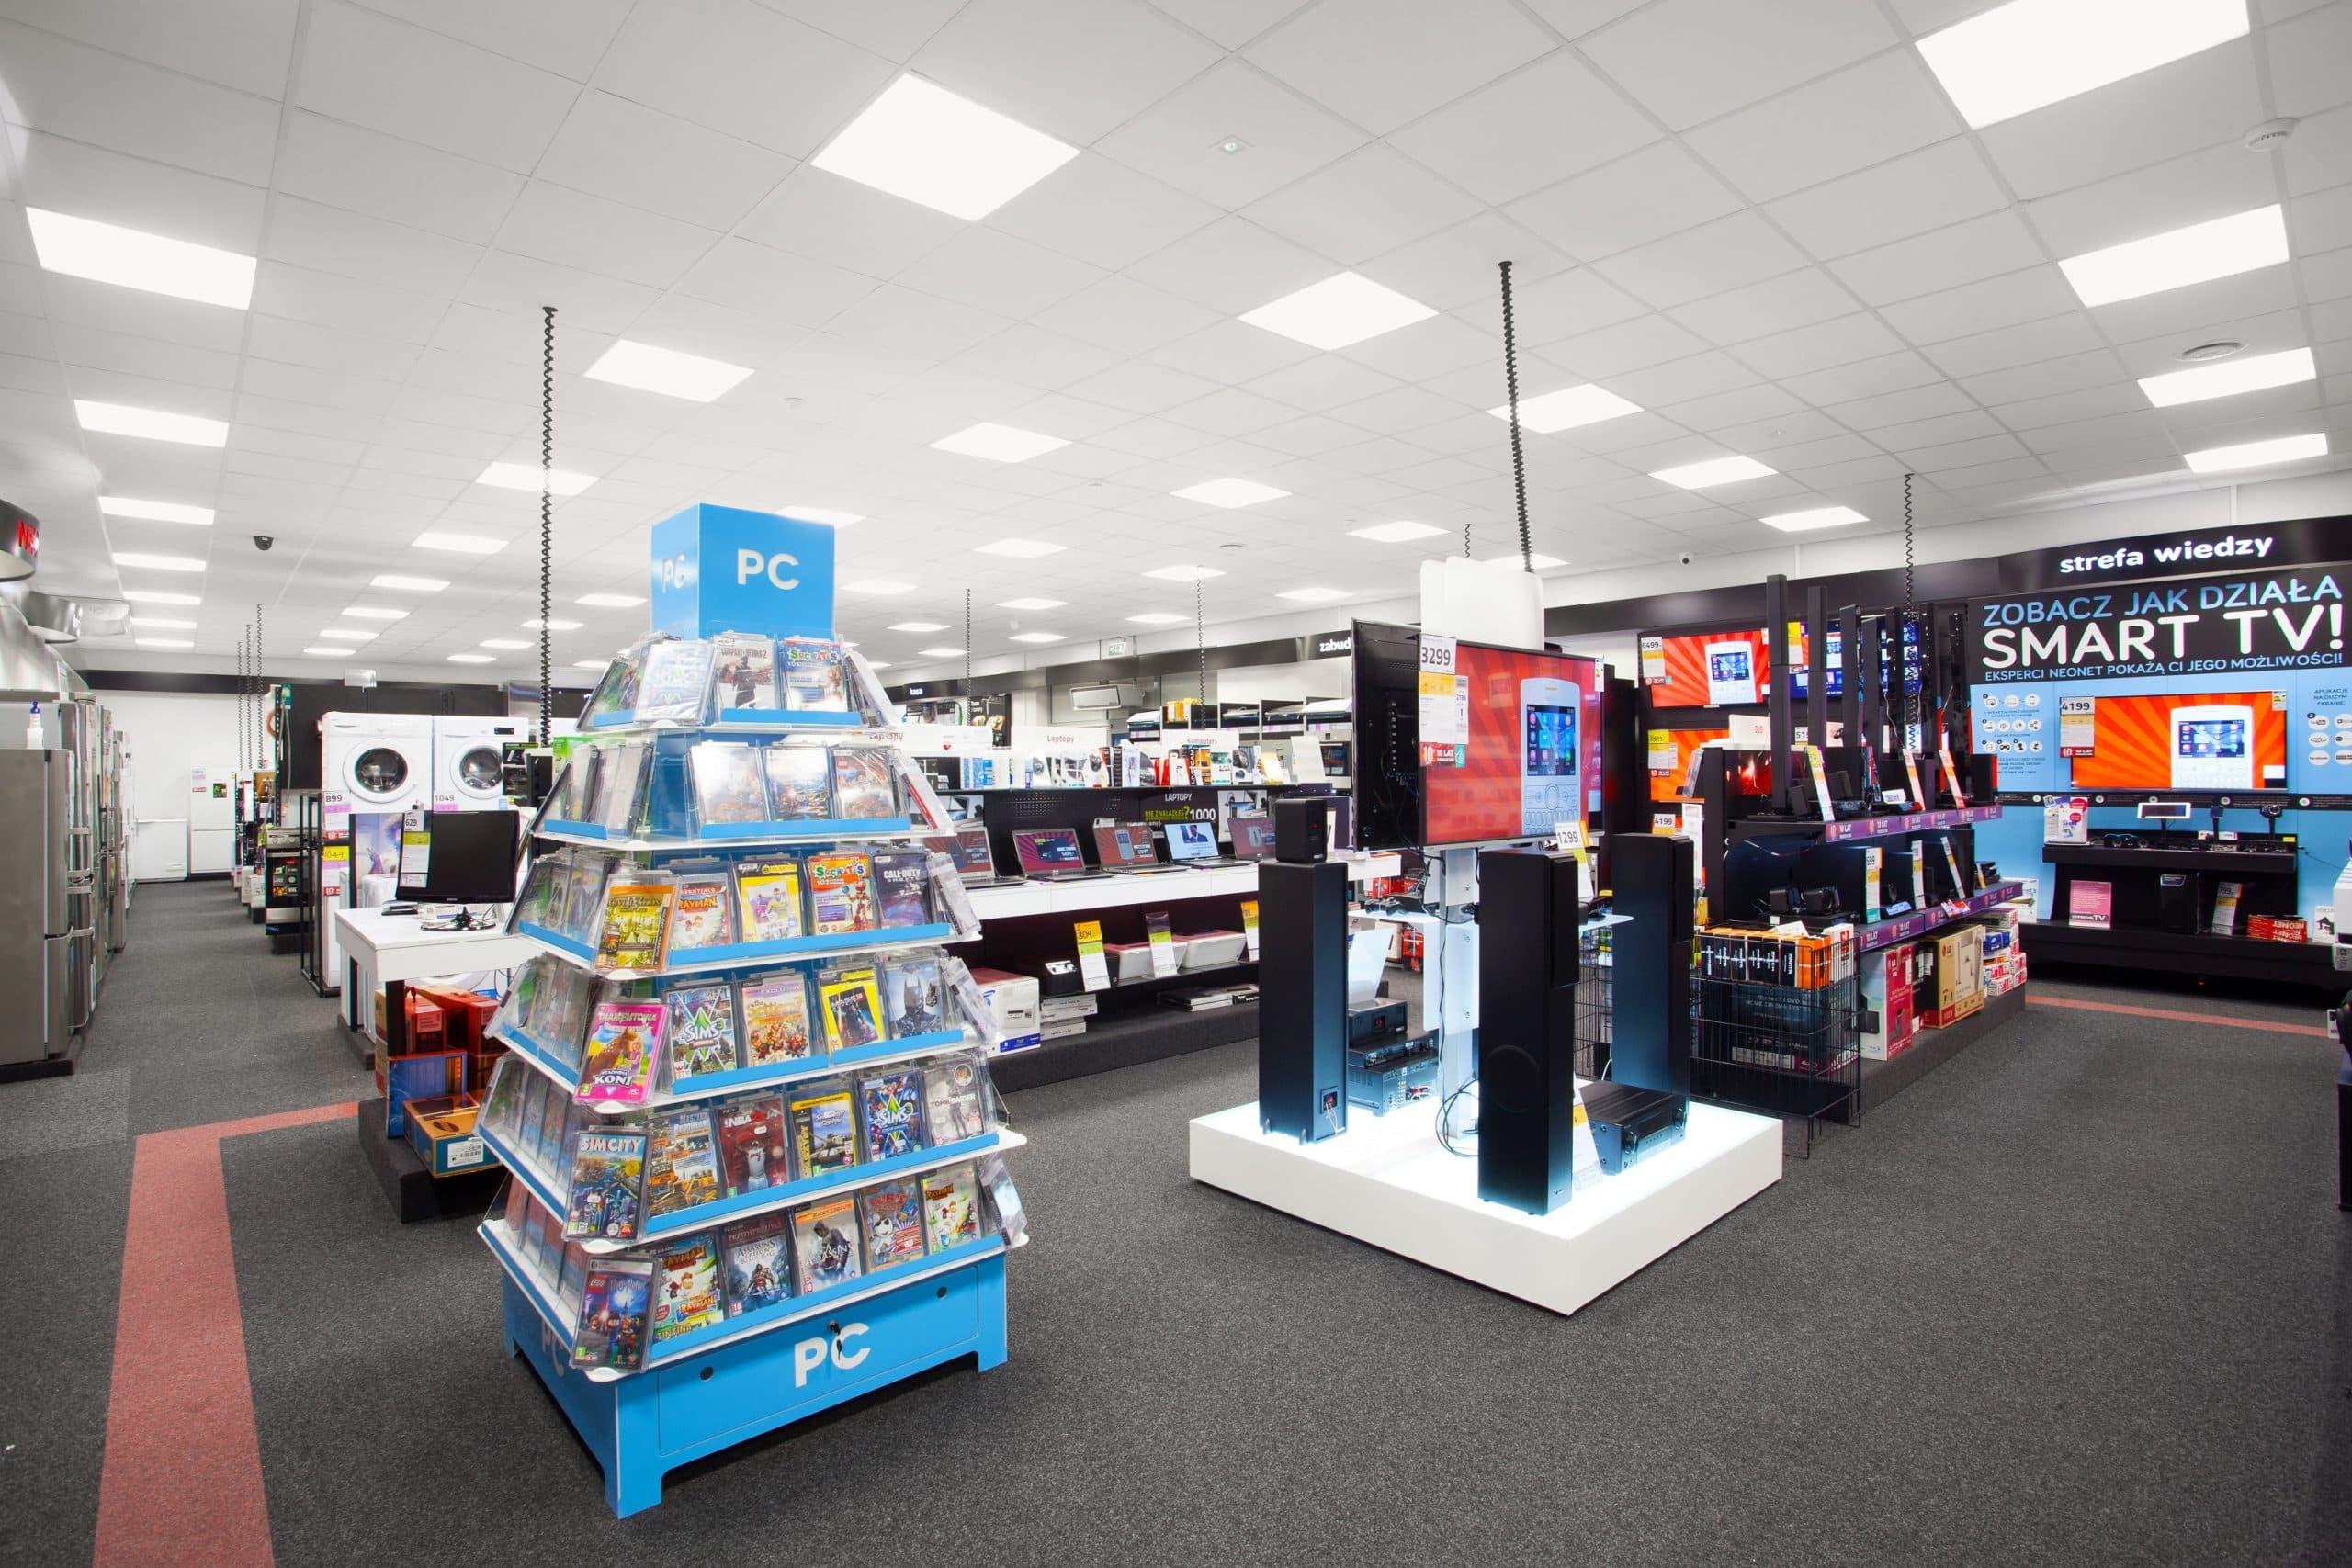 Sklep Neonet po modernizacji oświetlenia Z oprawami Edge - Luxon LED